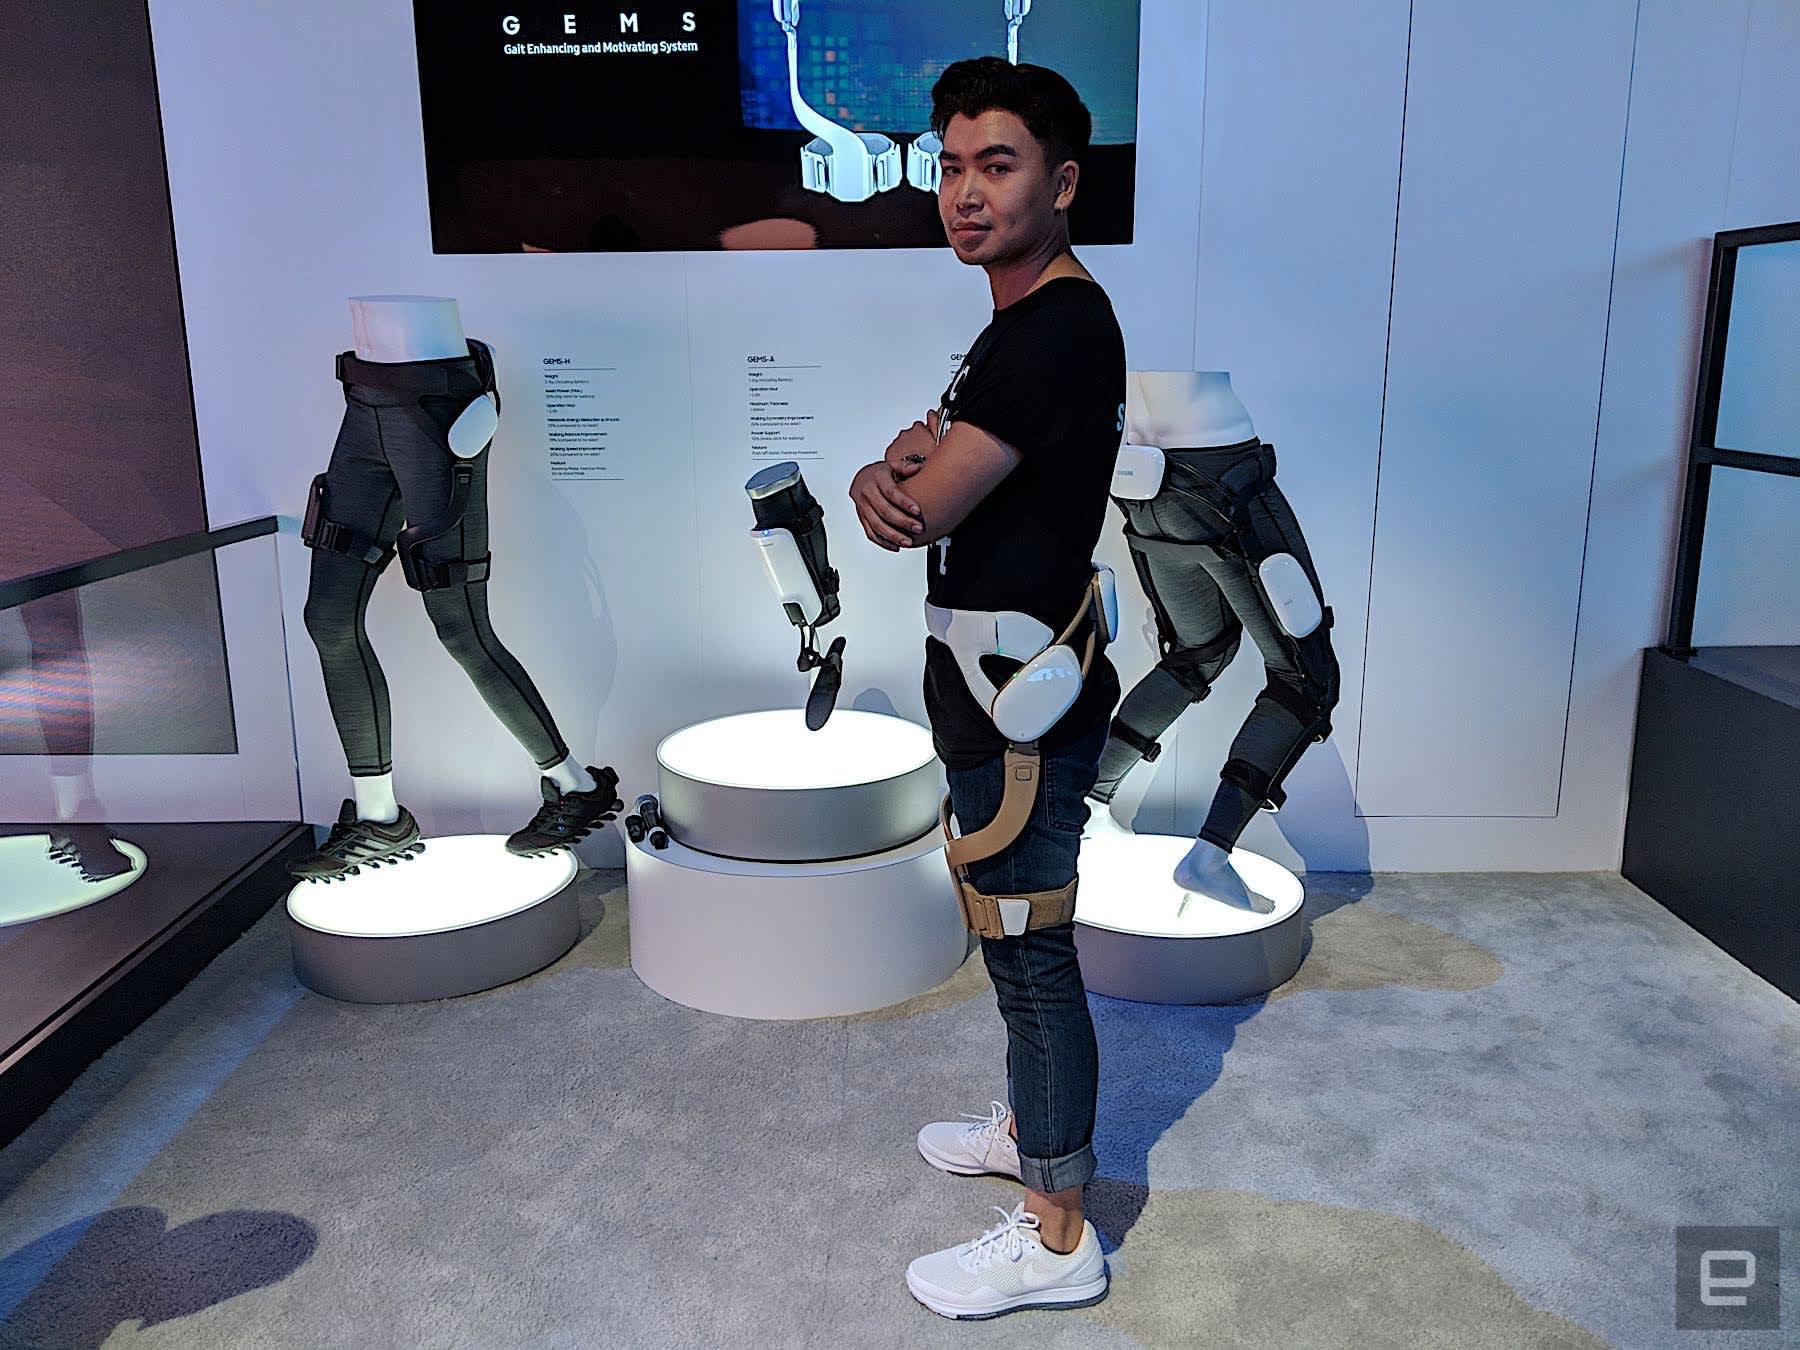 Samsung GEMS exoskeleton